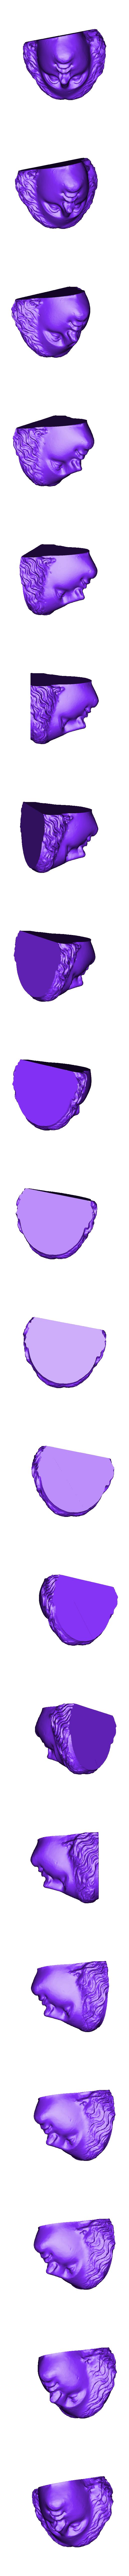 20131013_Venus7_face_only.stl Télécharger fichier OBJ gratuit Vénus de Milo • Modèle imprimable en 3D, Ghashgar